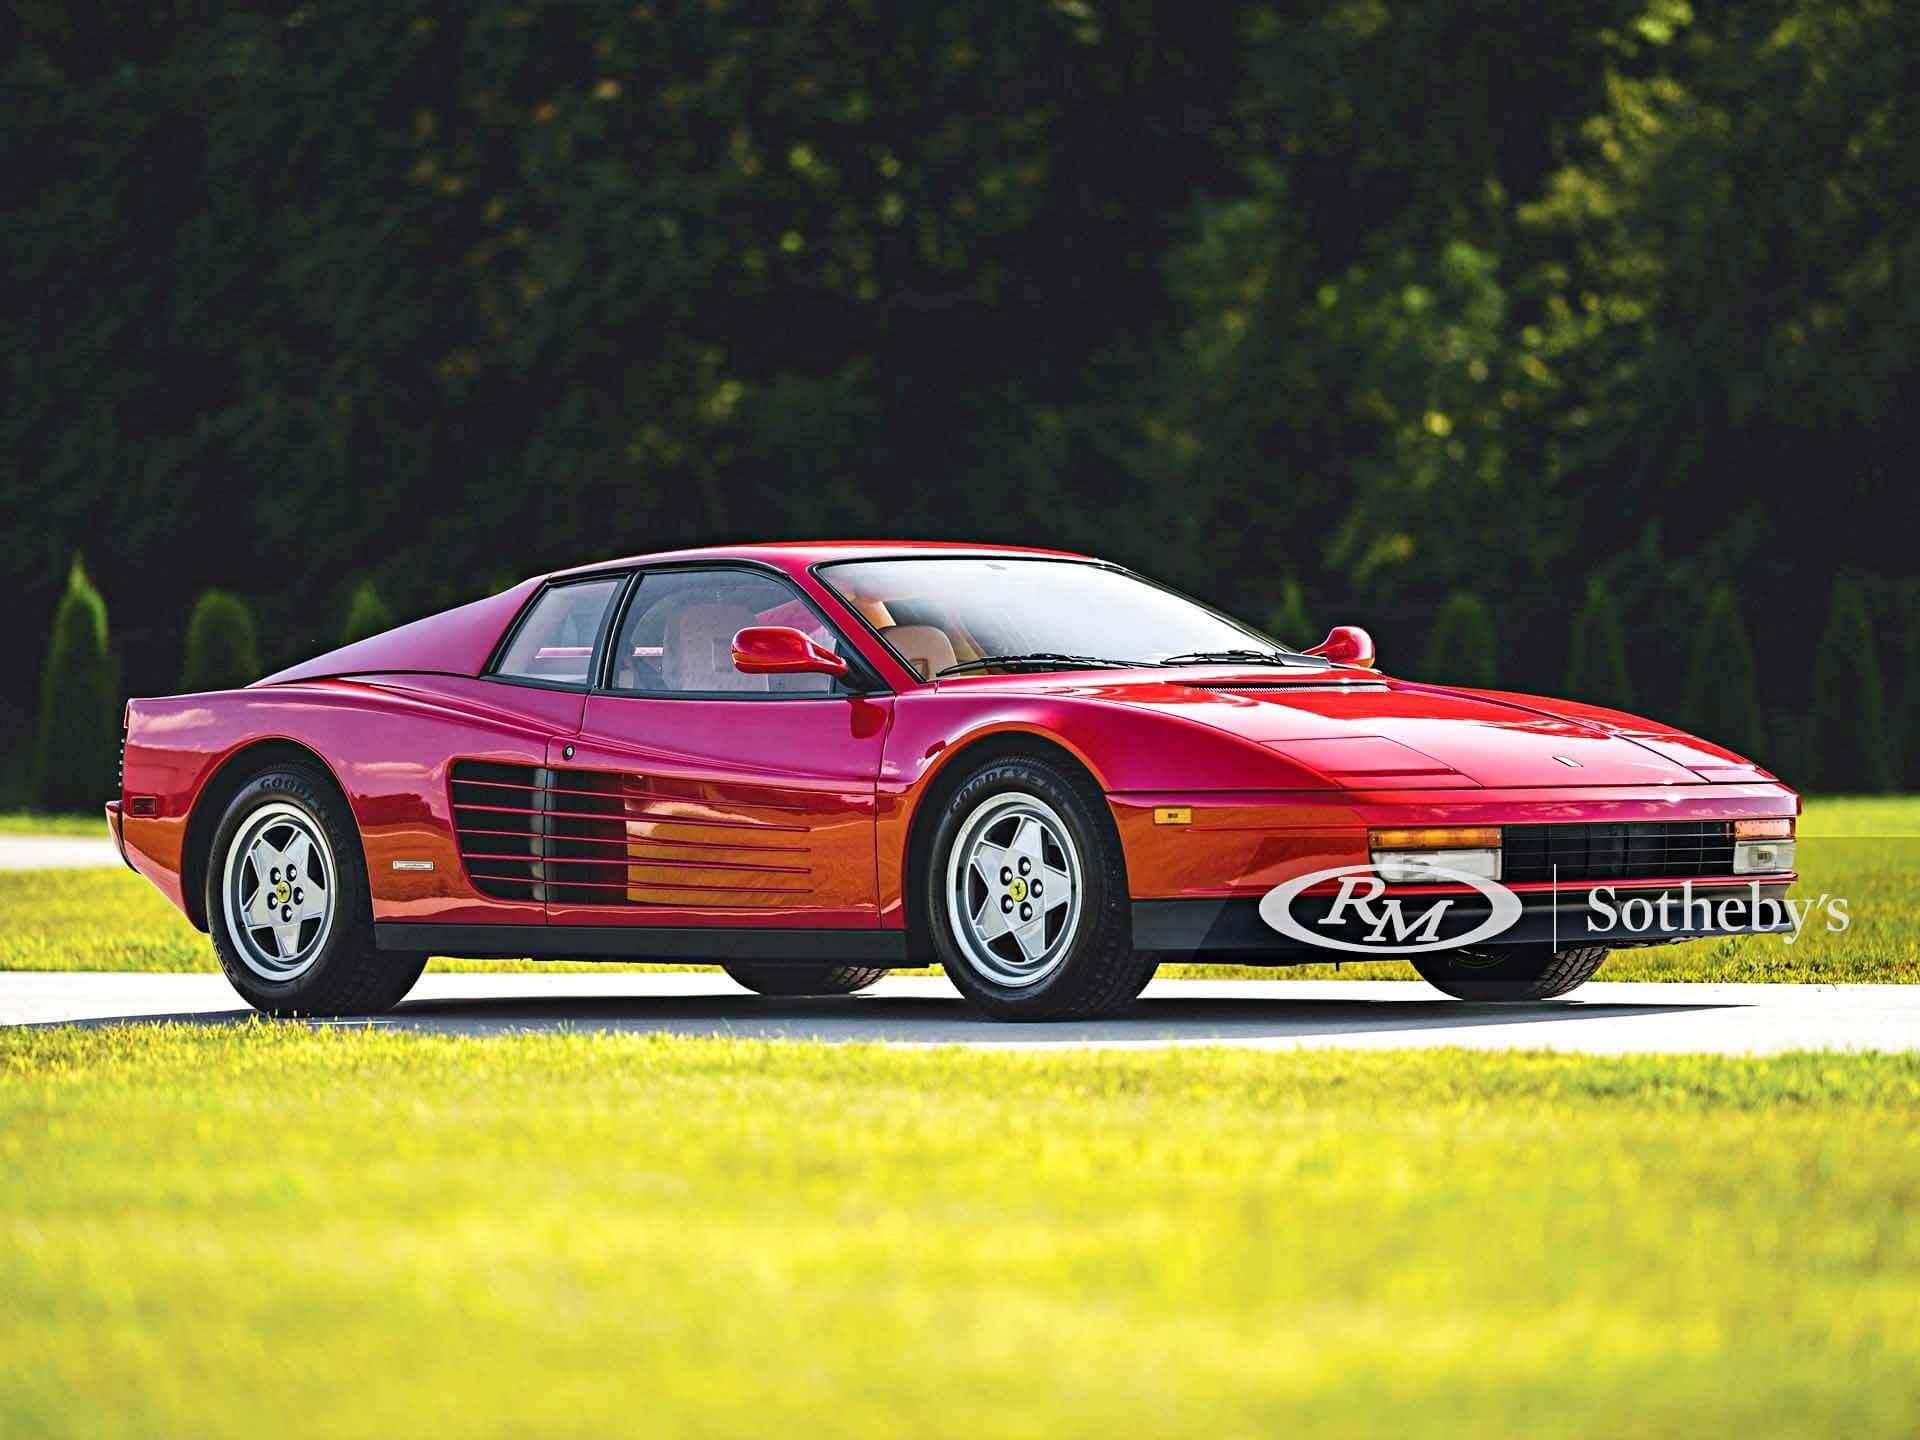 Легендарный Ferrari Testarossa с небольшим пробегом выставлен на продажу